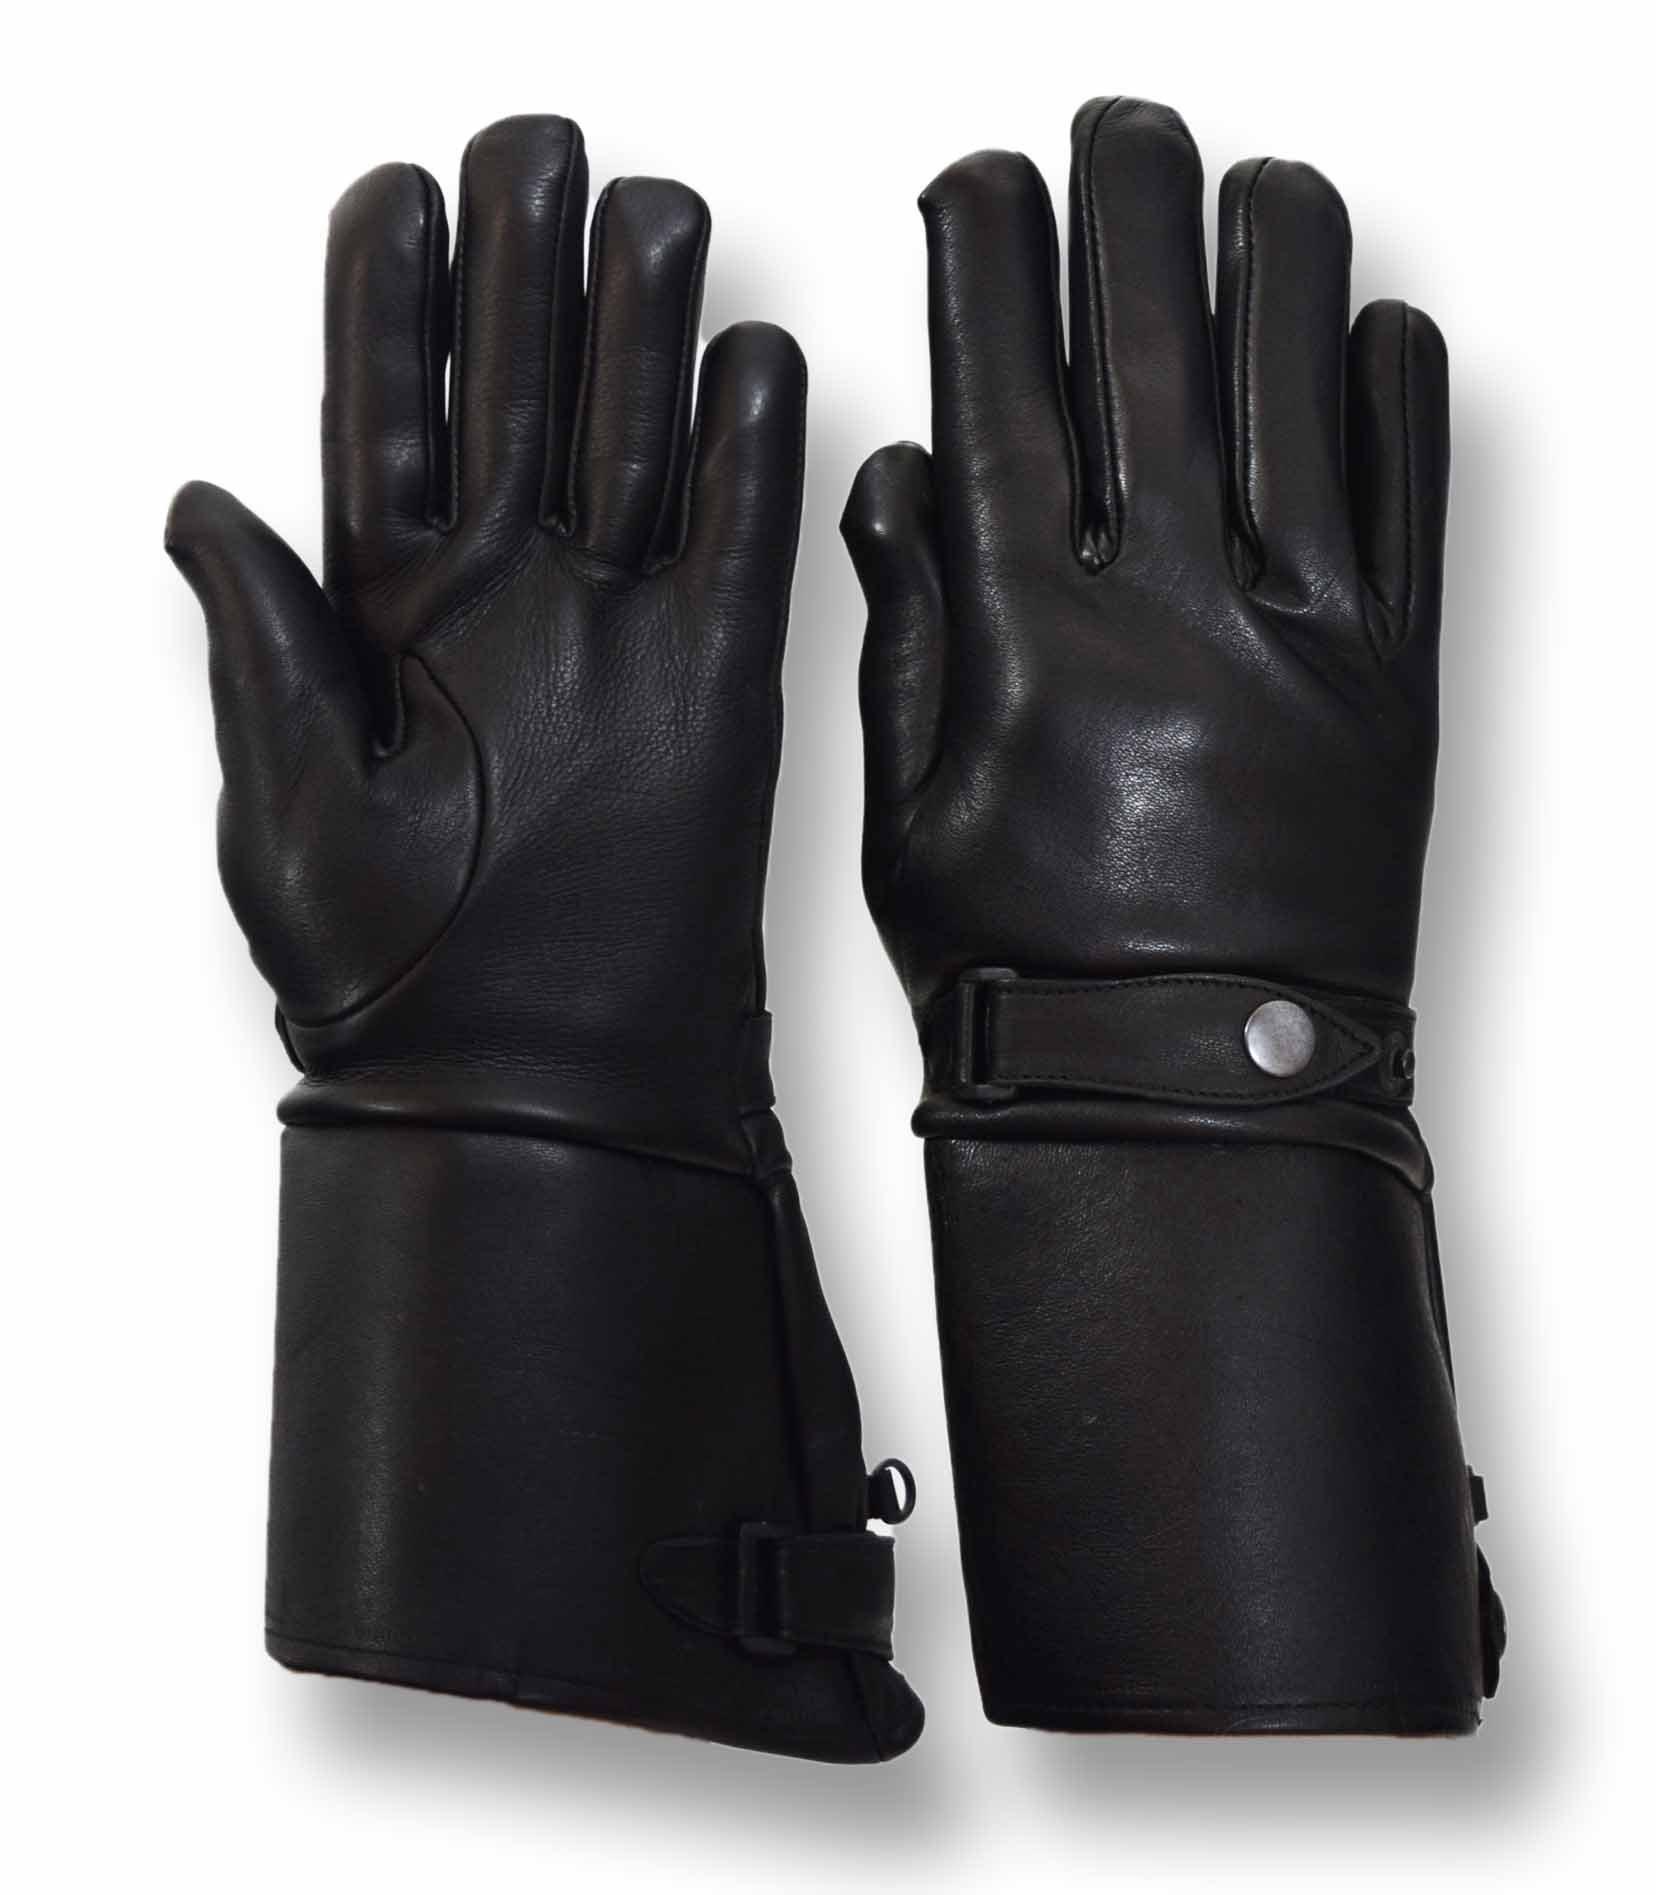 Vance Leathers Men's Premium Deerskin Gauntlet Motorcycle Gloves - Black - L